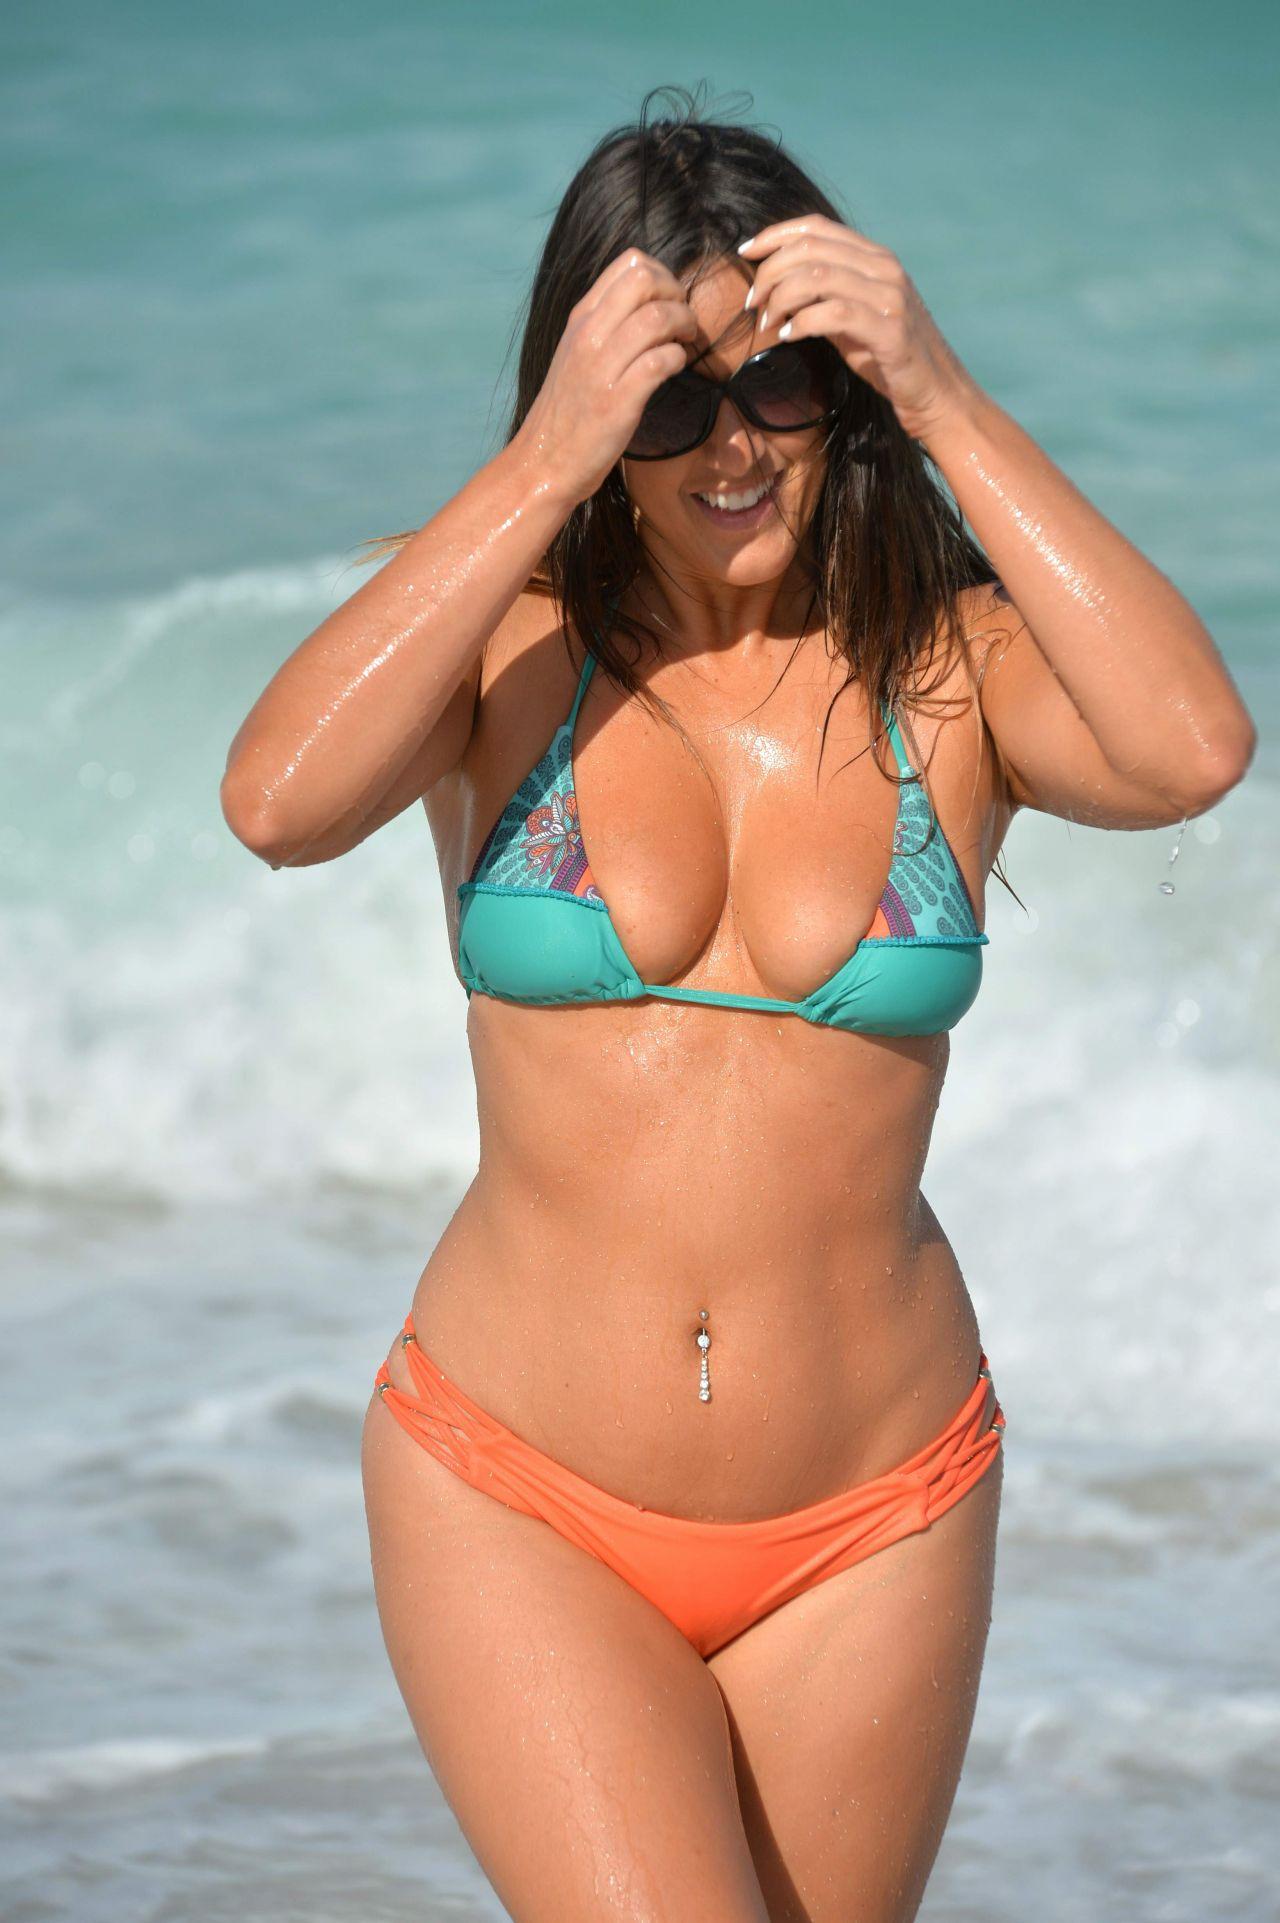 miami beach bikini photos